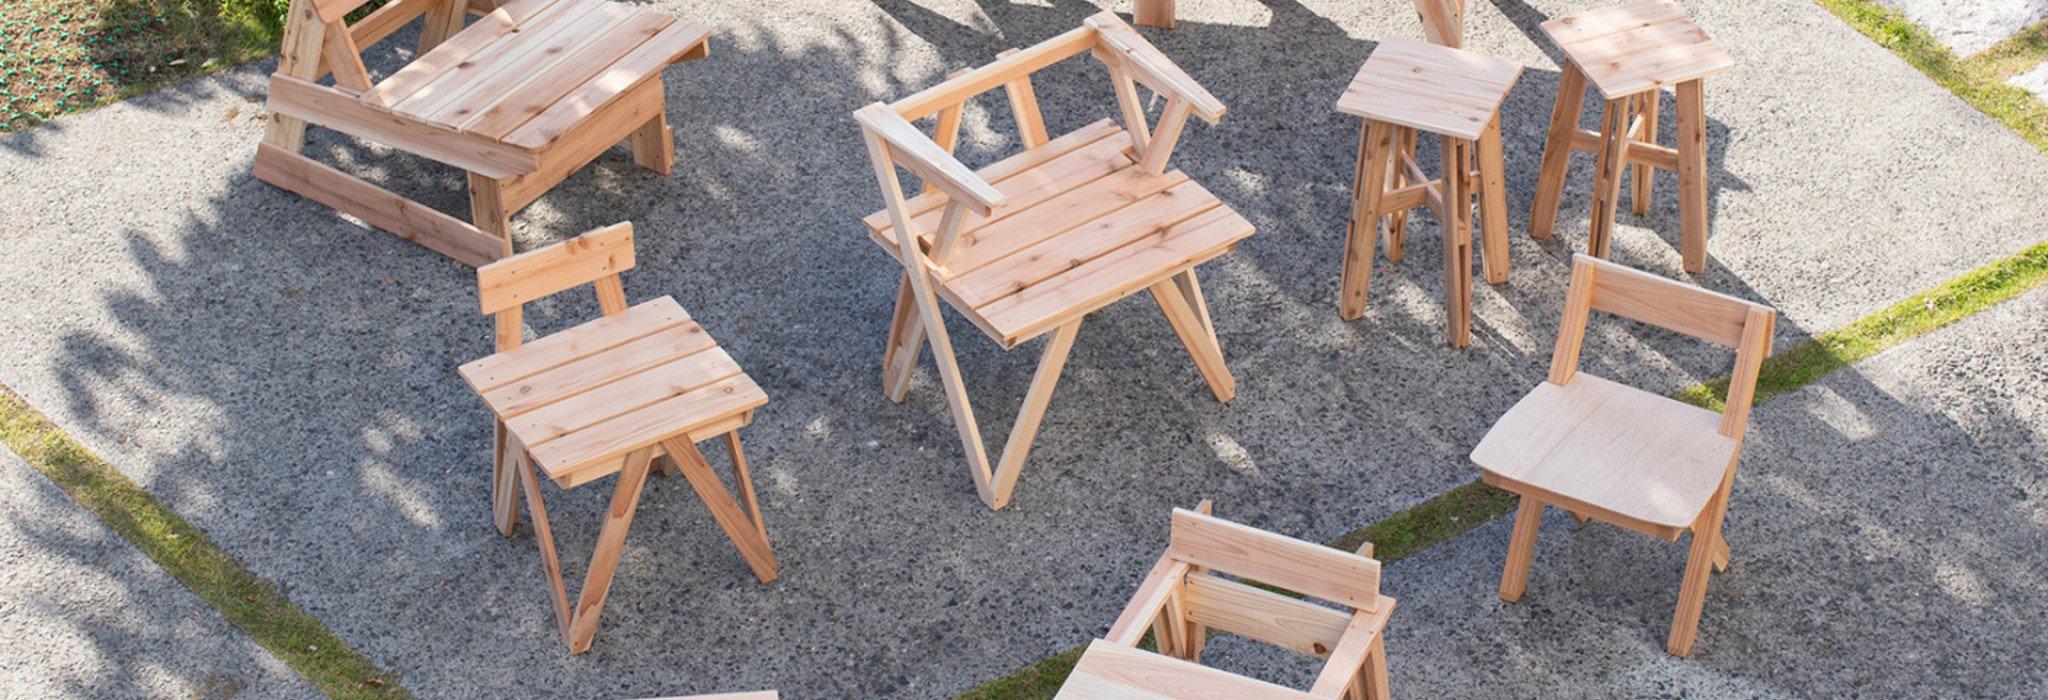 日本文化は杉とともに。針葉樹を家具に活かす_image